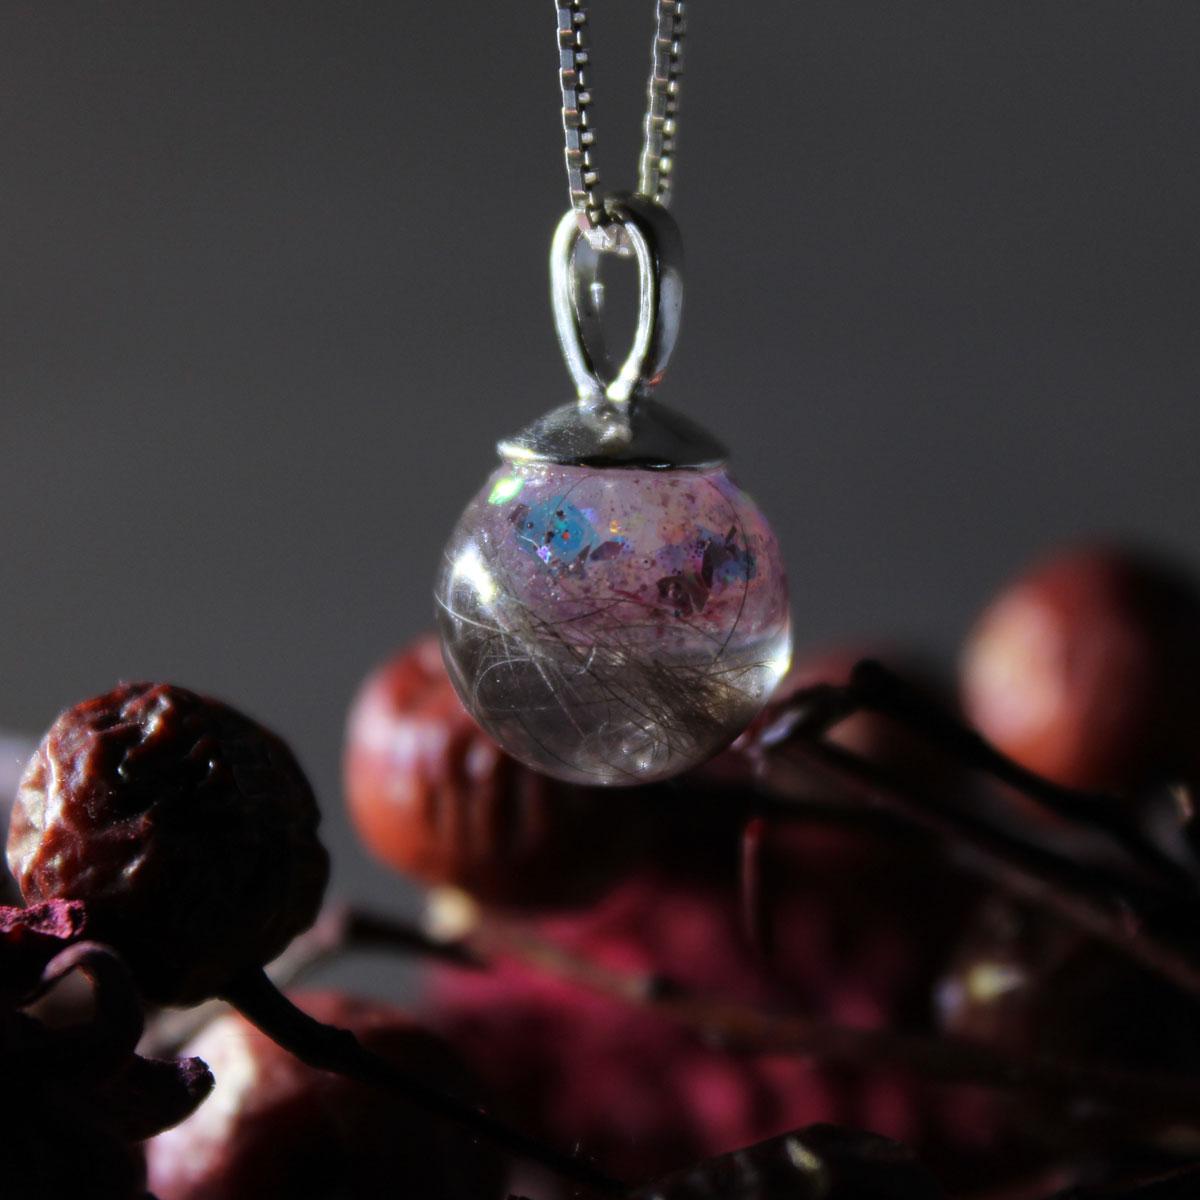 Tierzauber Perle mit großer Öse